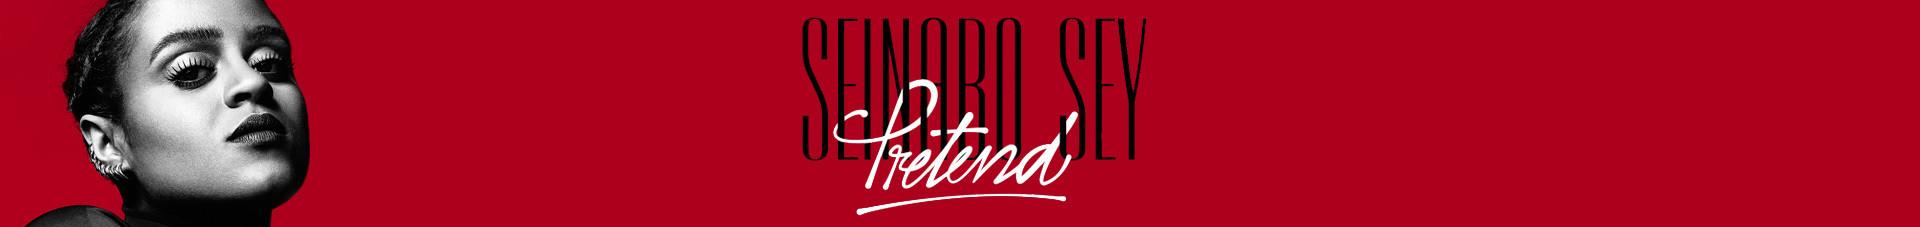 Seinabo Sey - Pretend